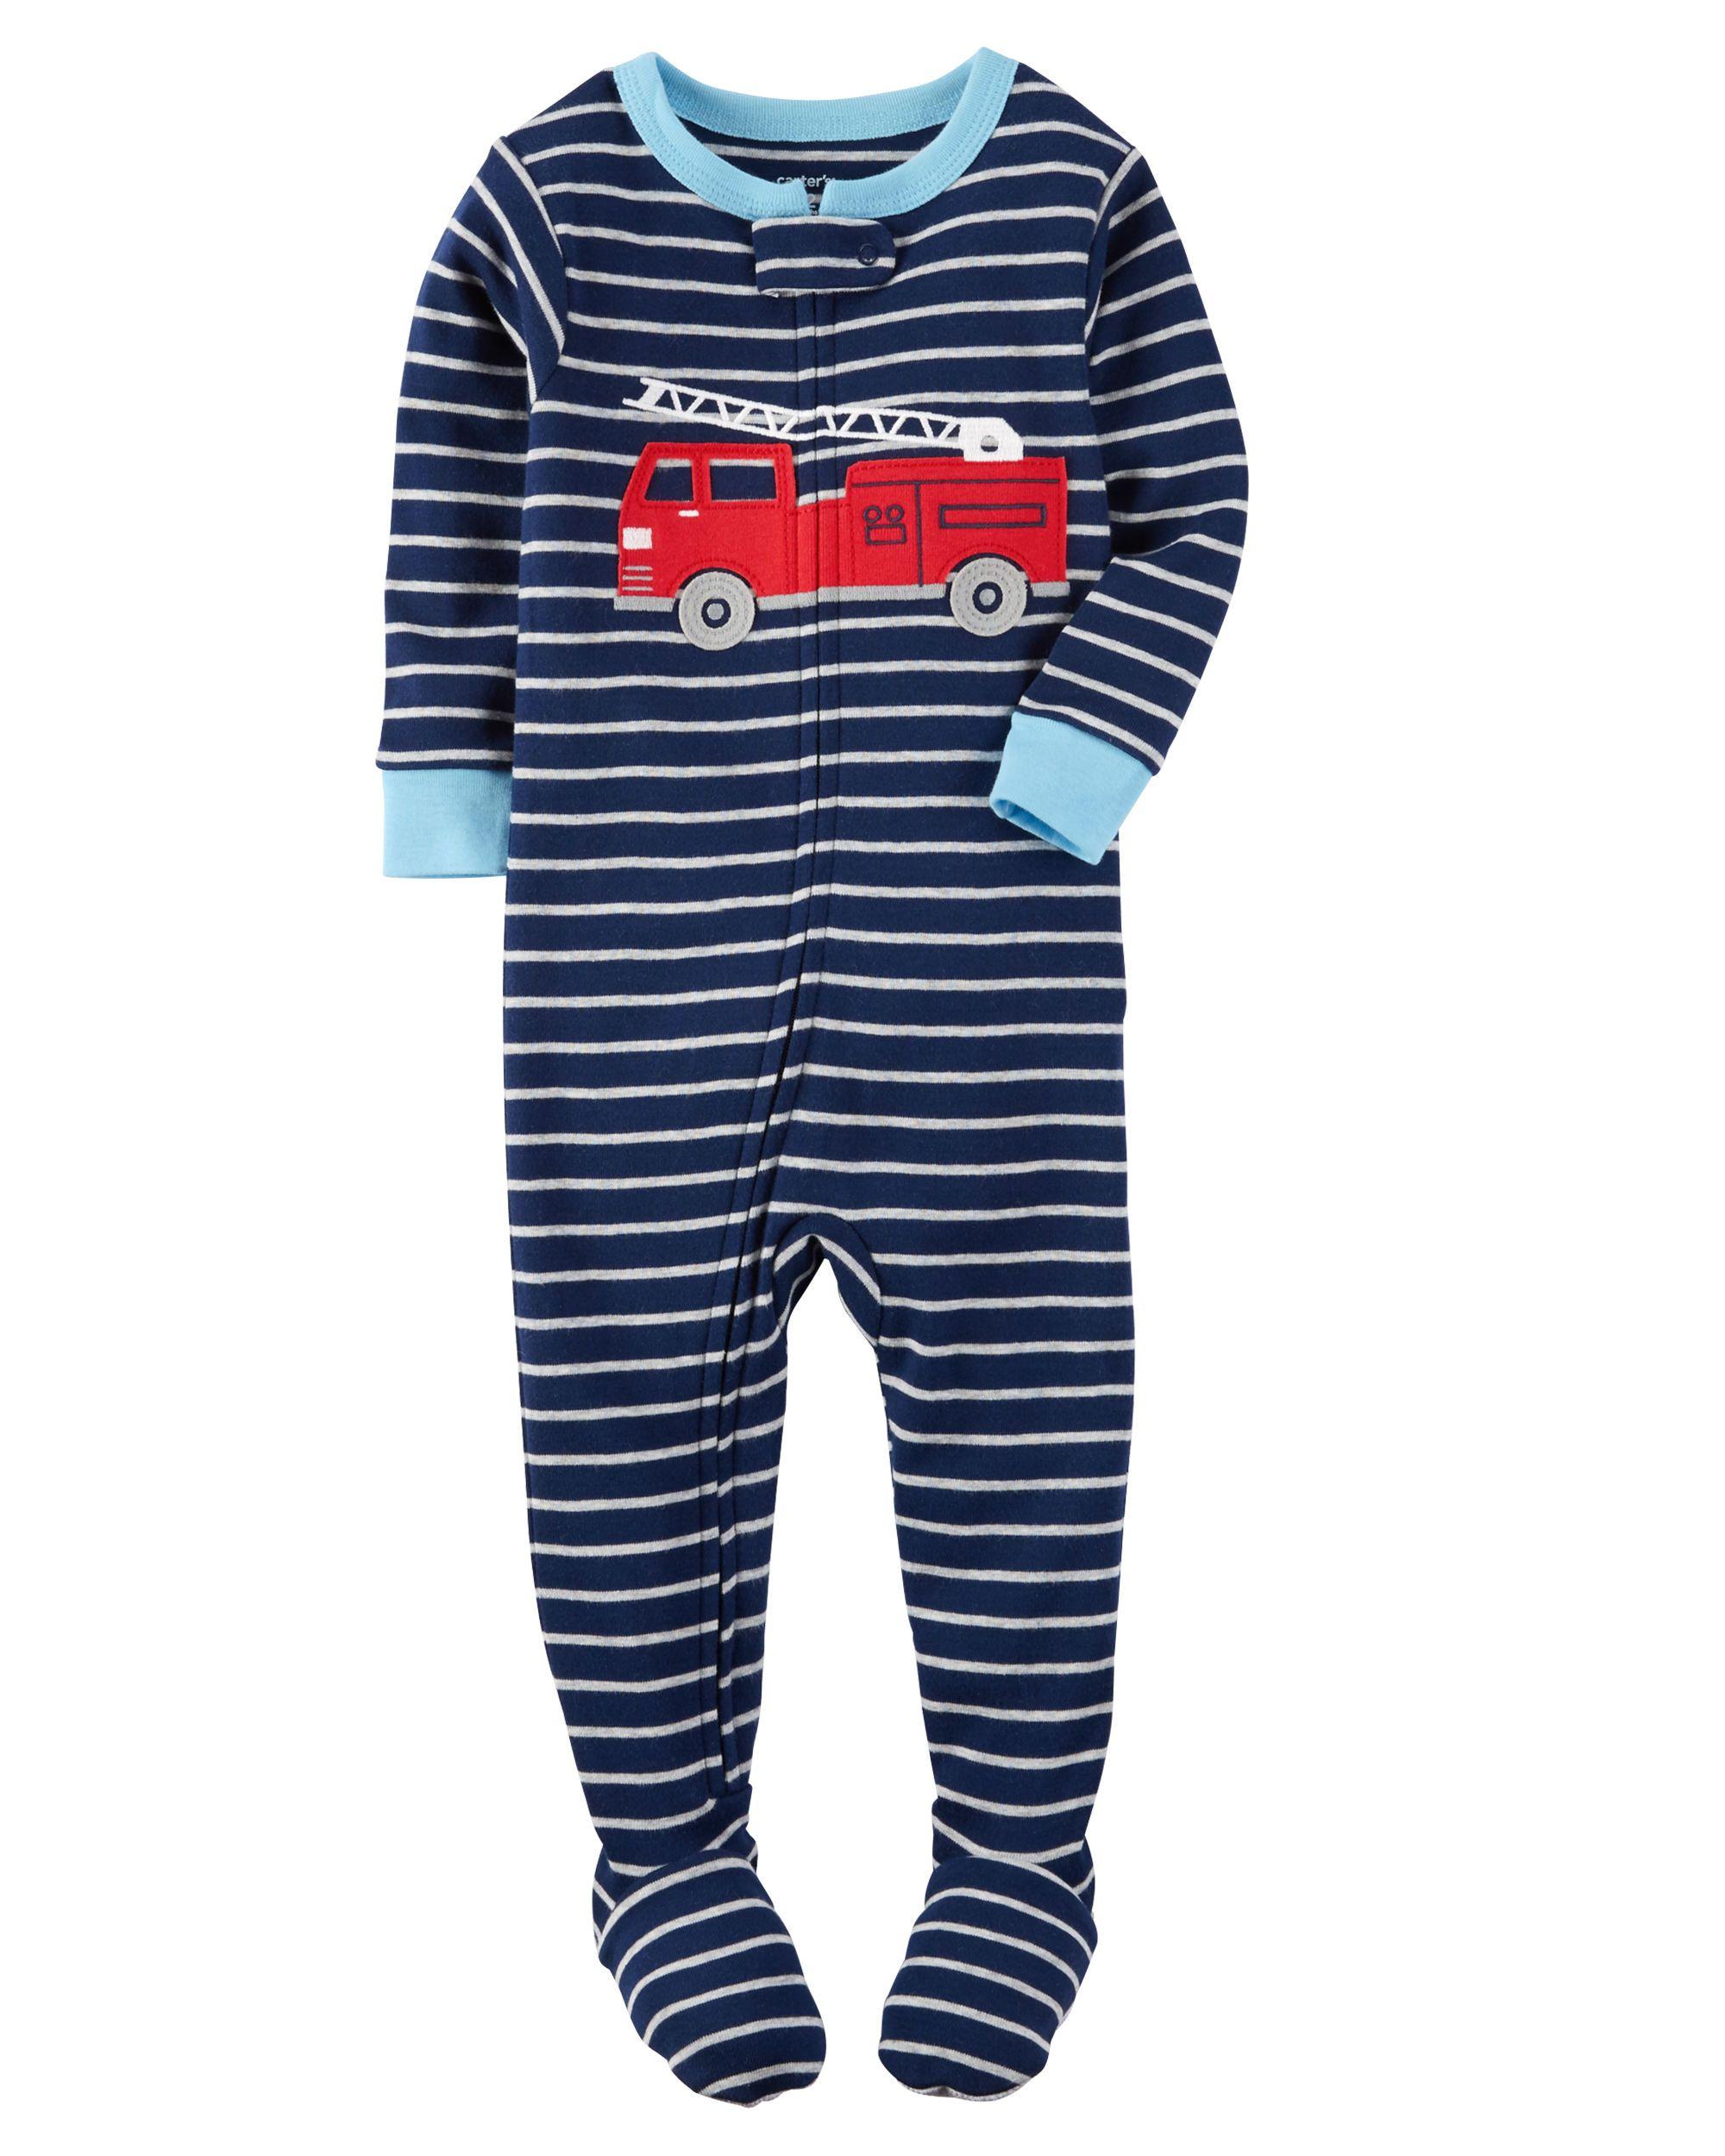 42766466e 1-Piece Snug Fit Cotton PJs